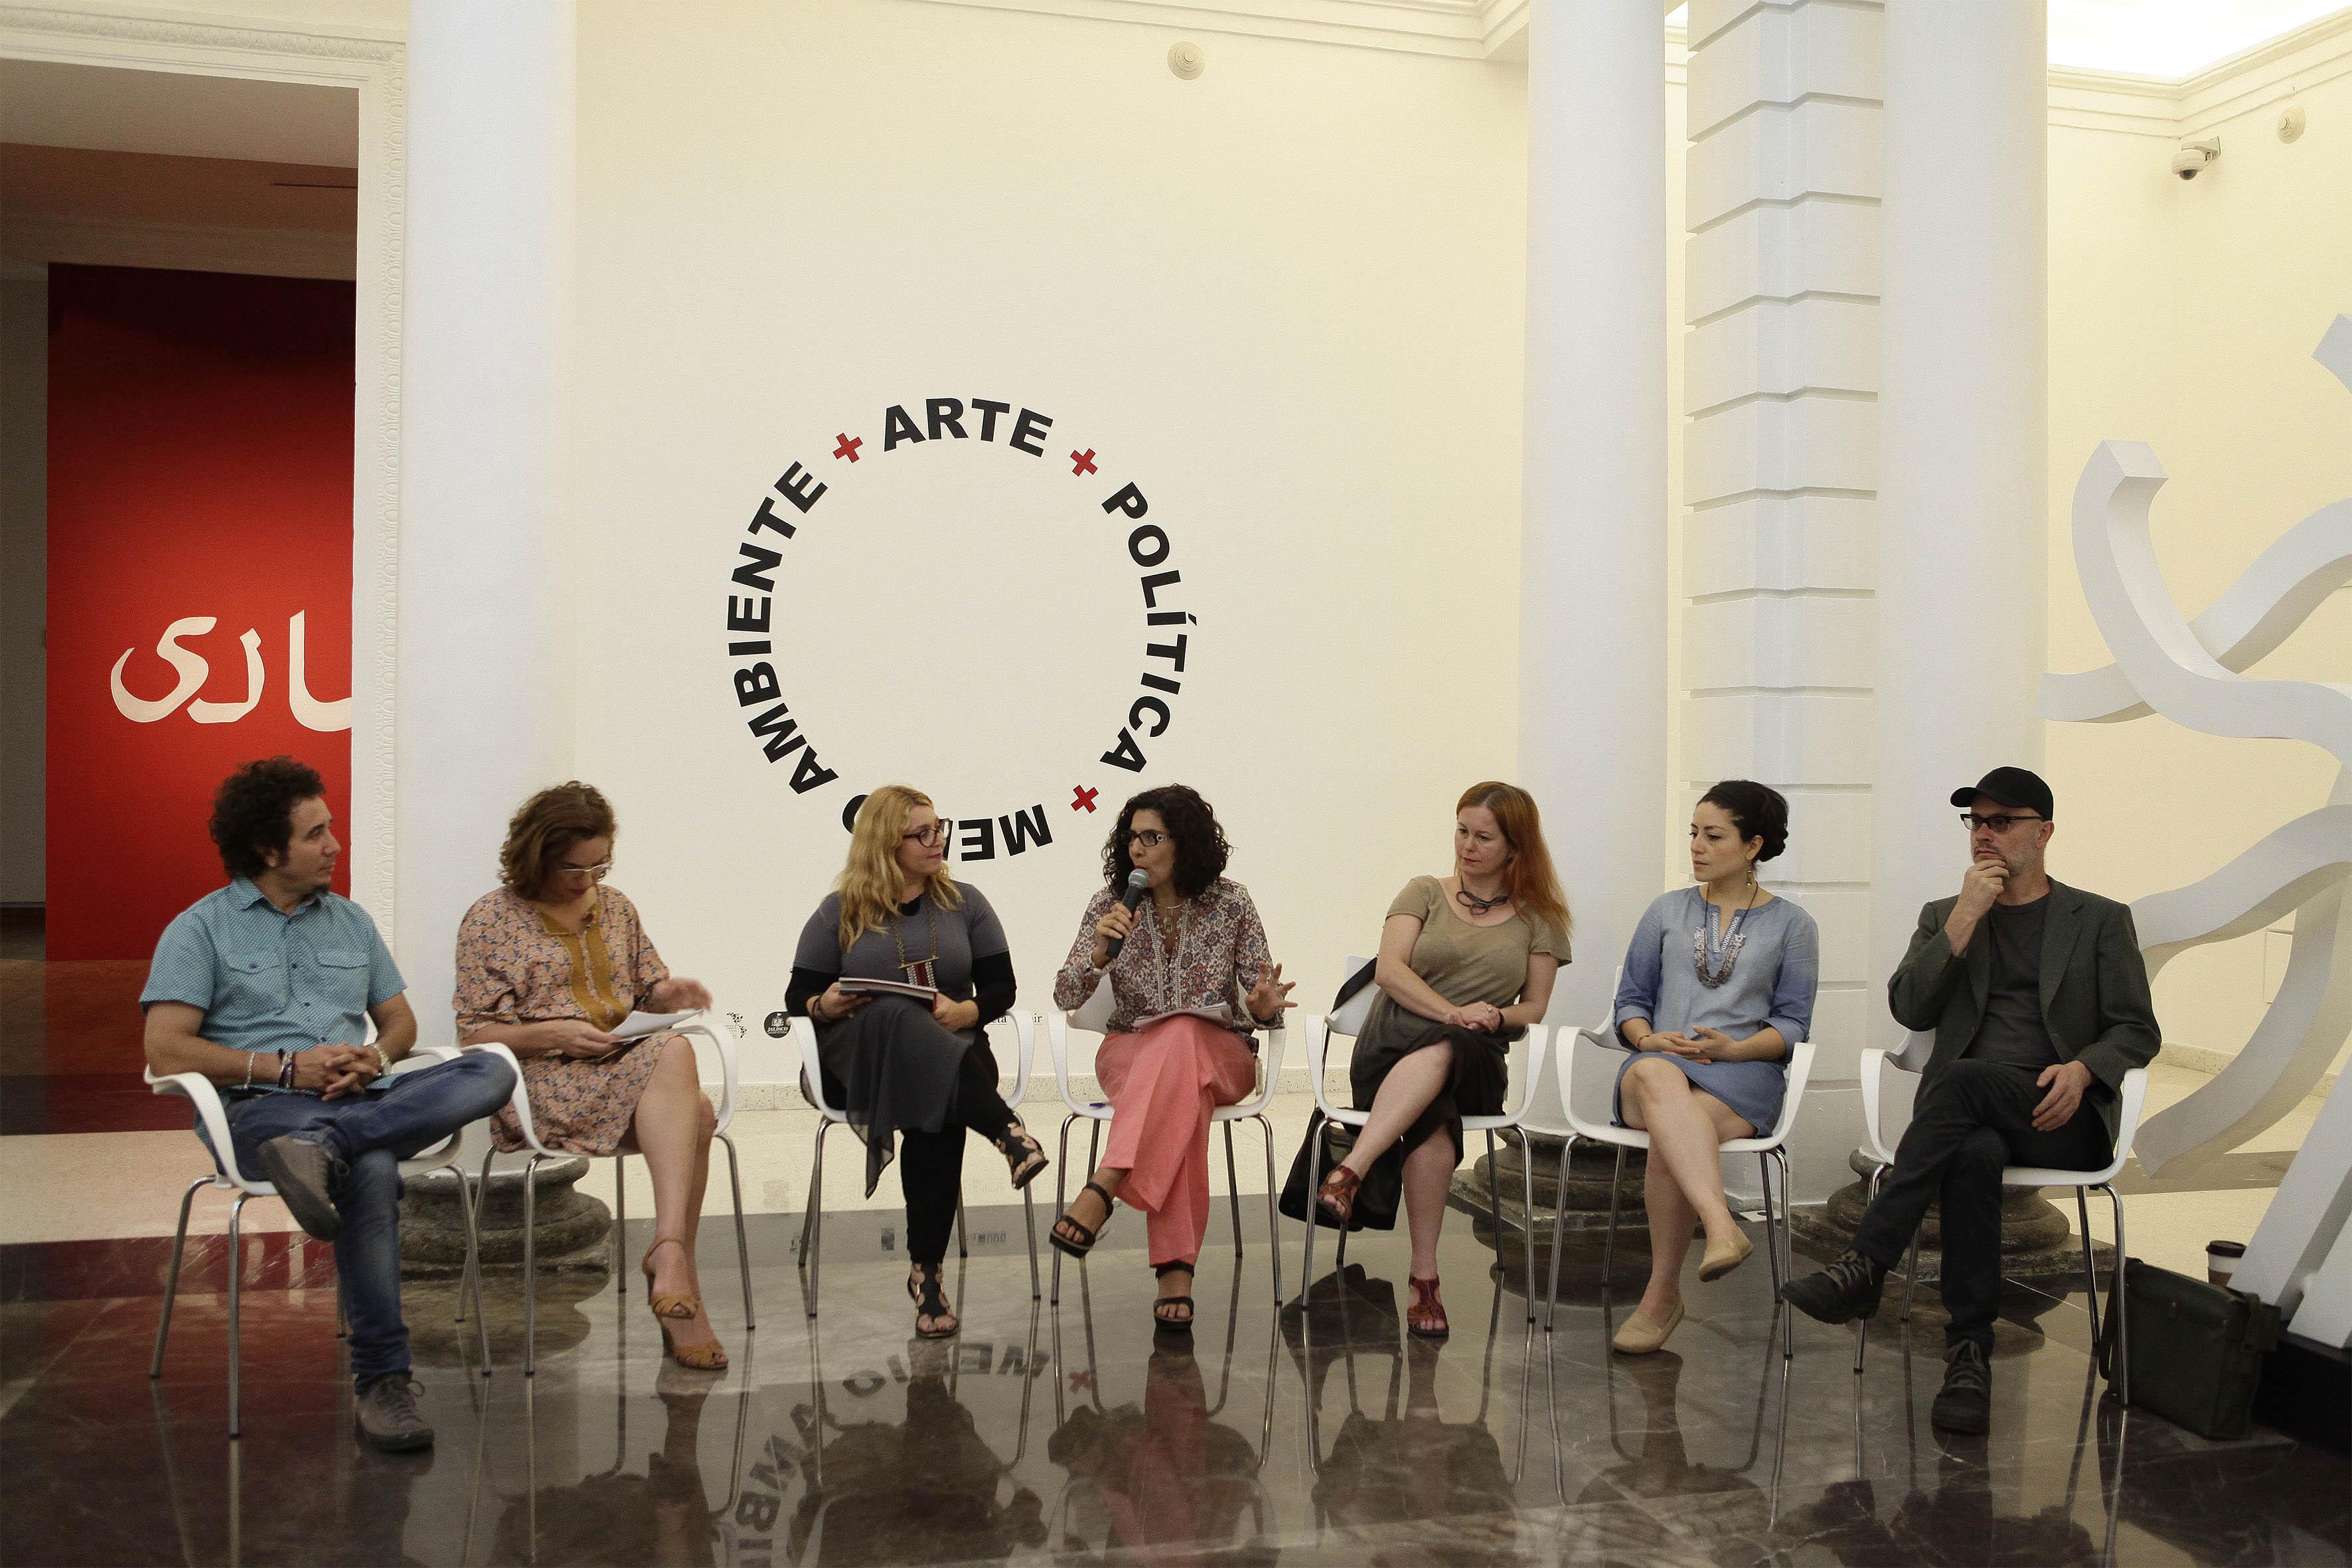 La maestra Maribel Arteaga Garibay, directora del MUSA, en reunión con los seis artistas nacionales y extranjeros que mostrarán su creatividad y talento con su exposición en el MUSA.